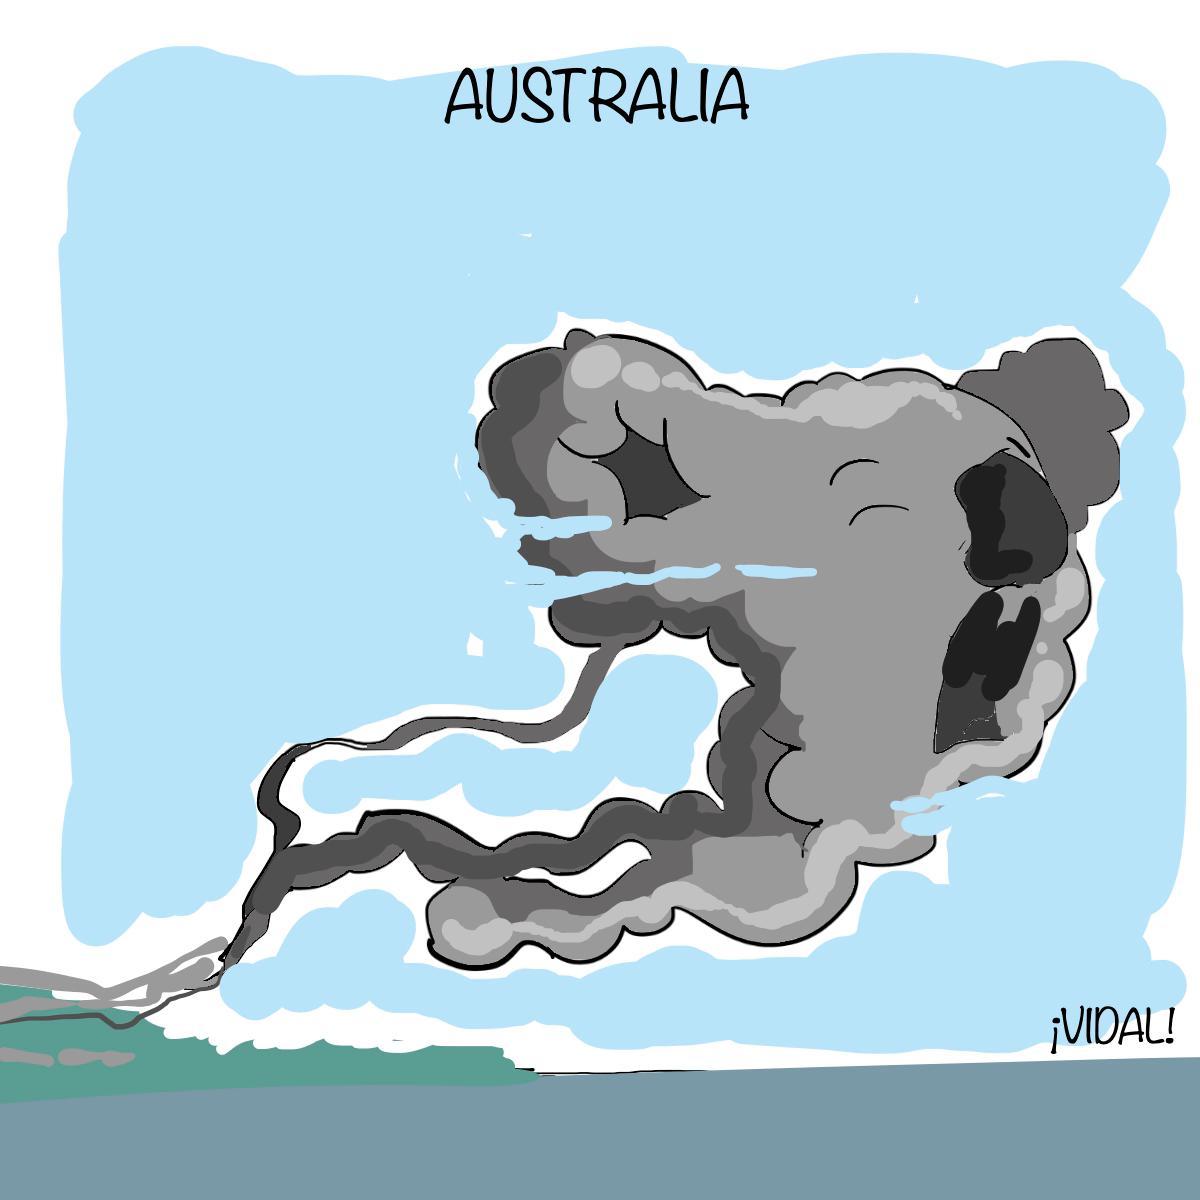 Caricatura 11 de enero de 2020